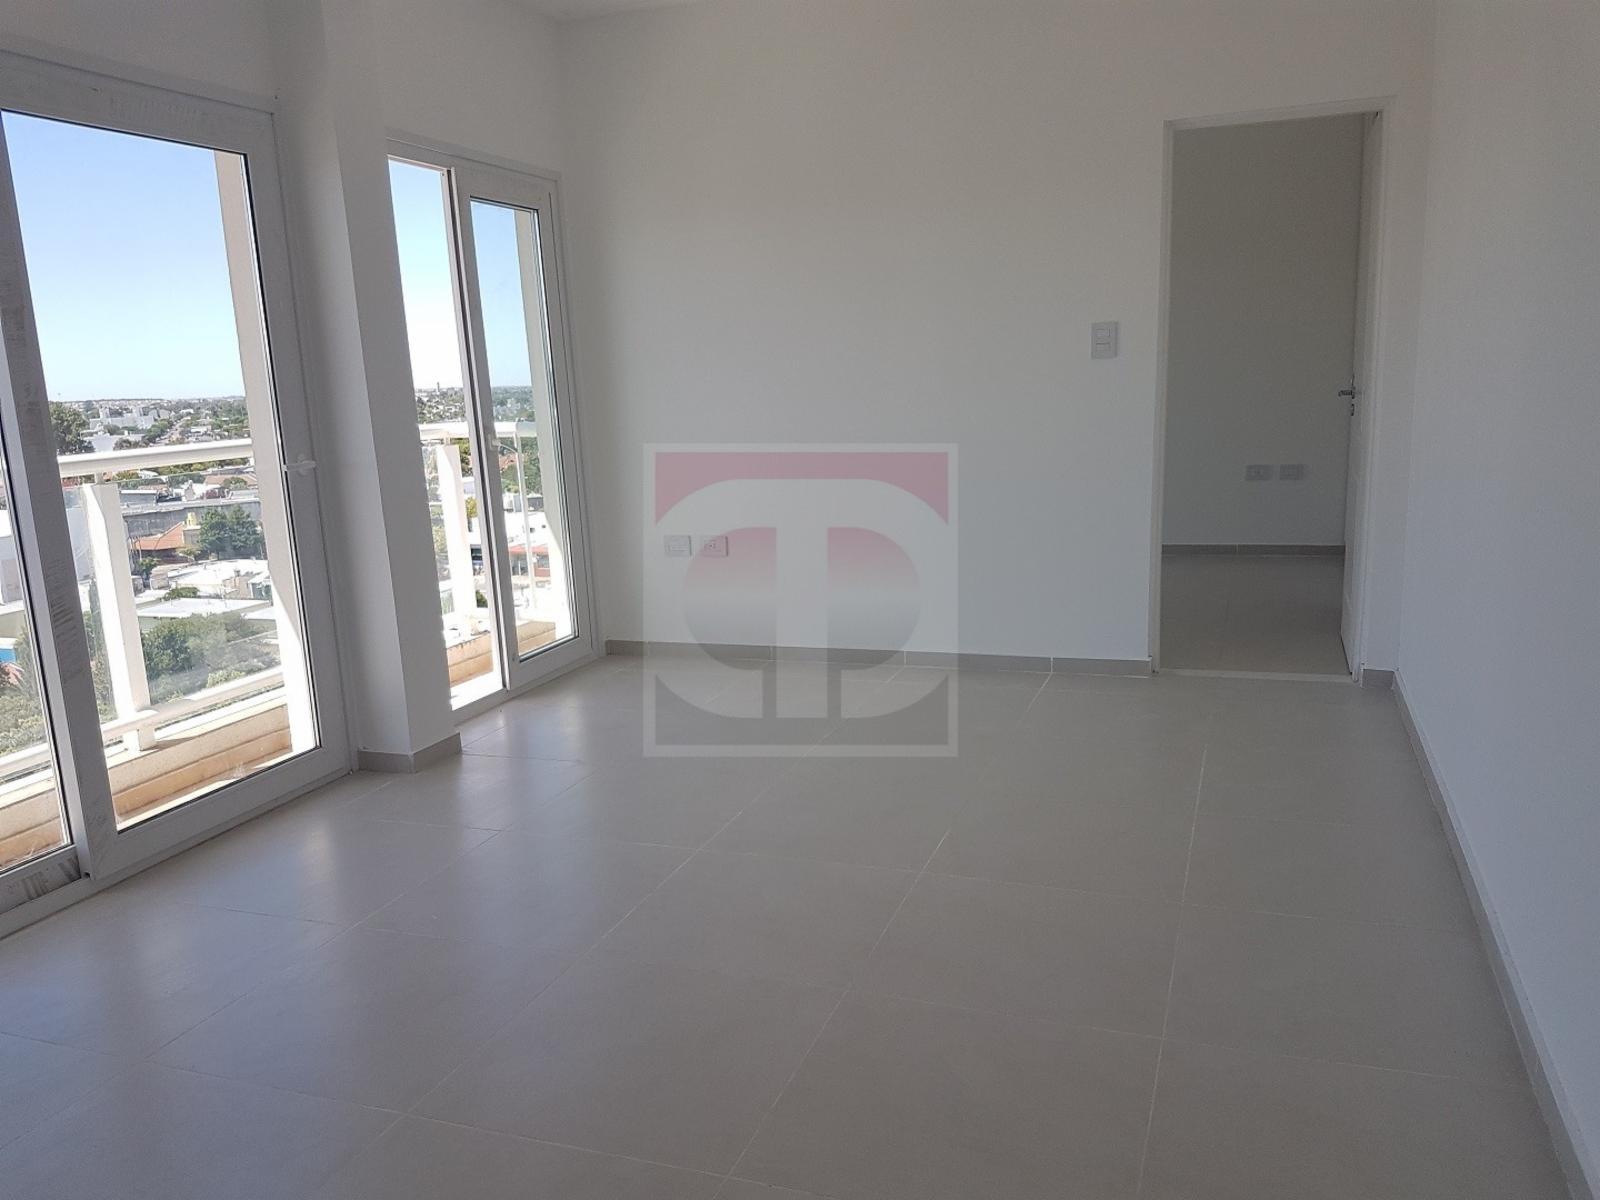 Venta departamento 1 dormitorio - 2 baños, edificio Don Bosco, DAIANA DOMINGUEZ NEGOCIOS INMOBILIARIOS